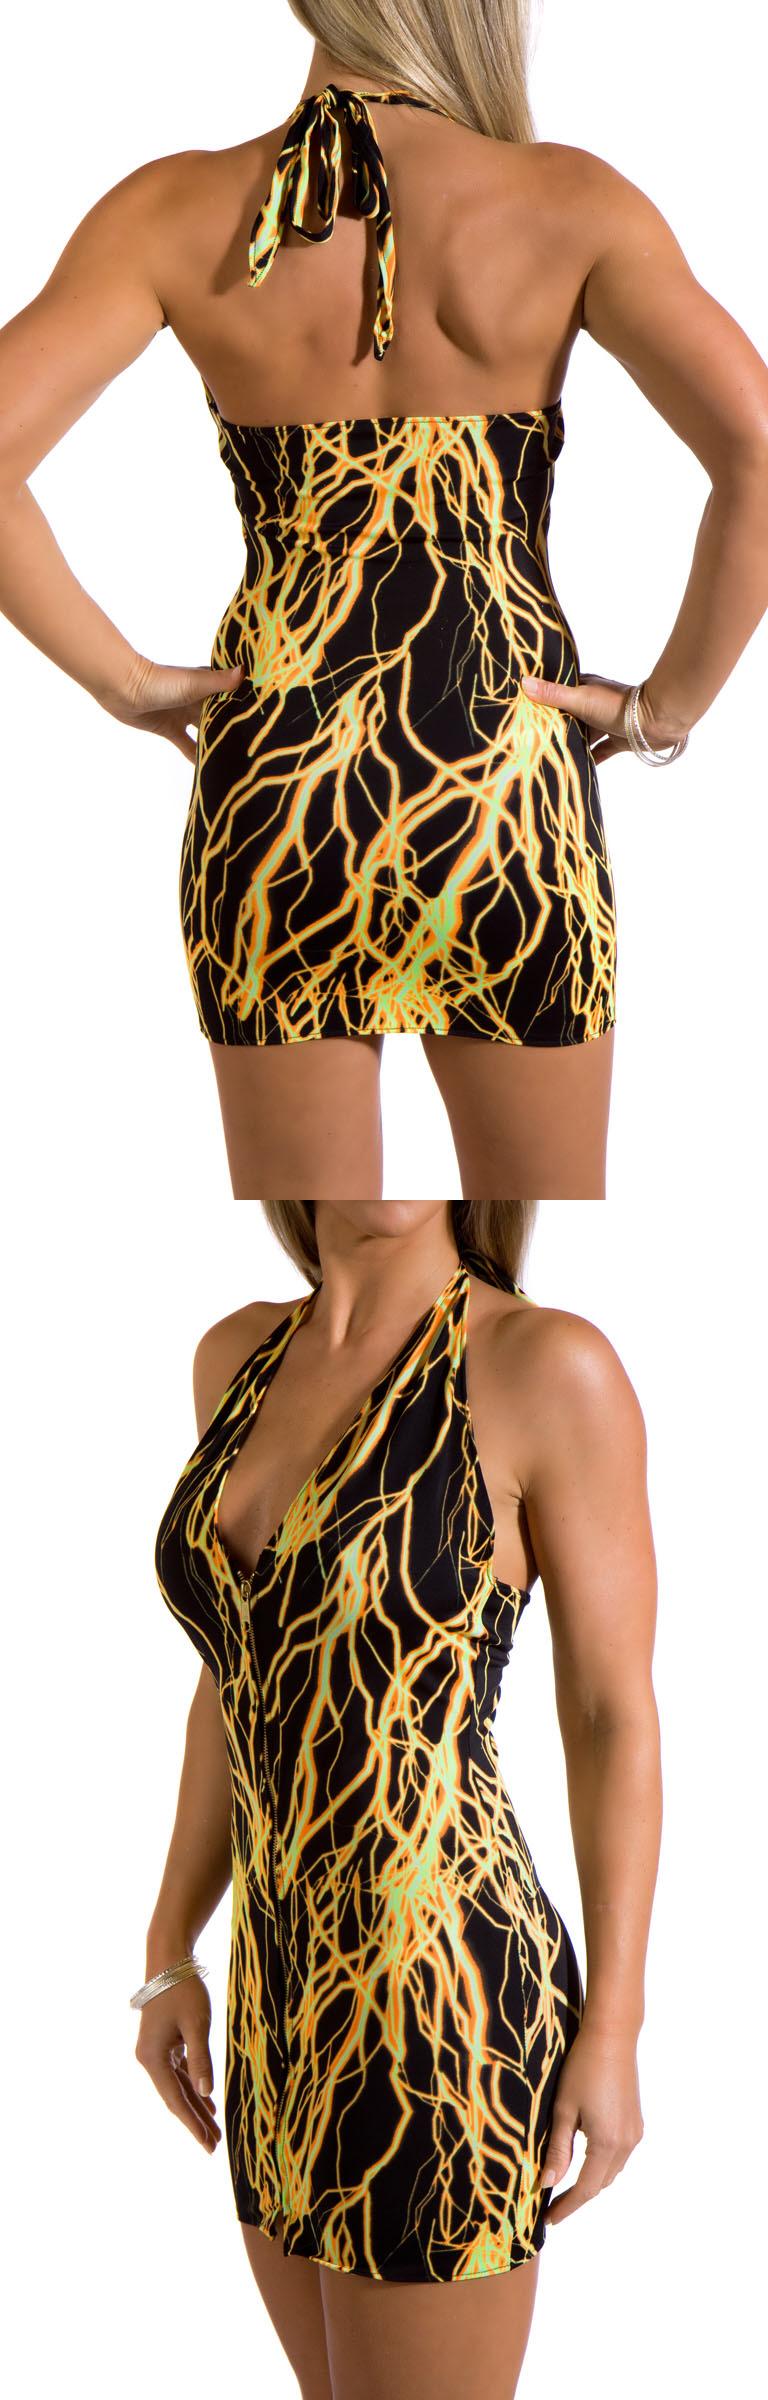 Dec 02, 2009 Zip Up Front halter dress